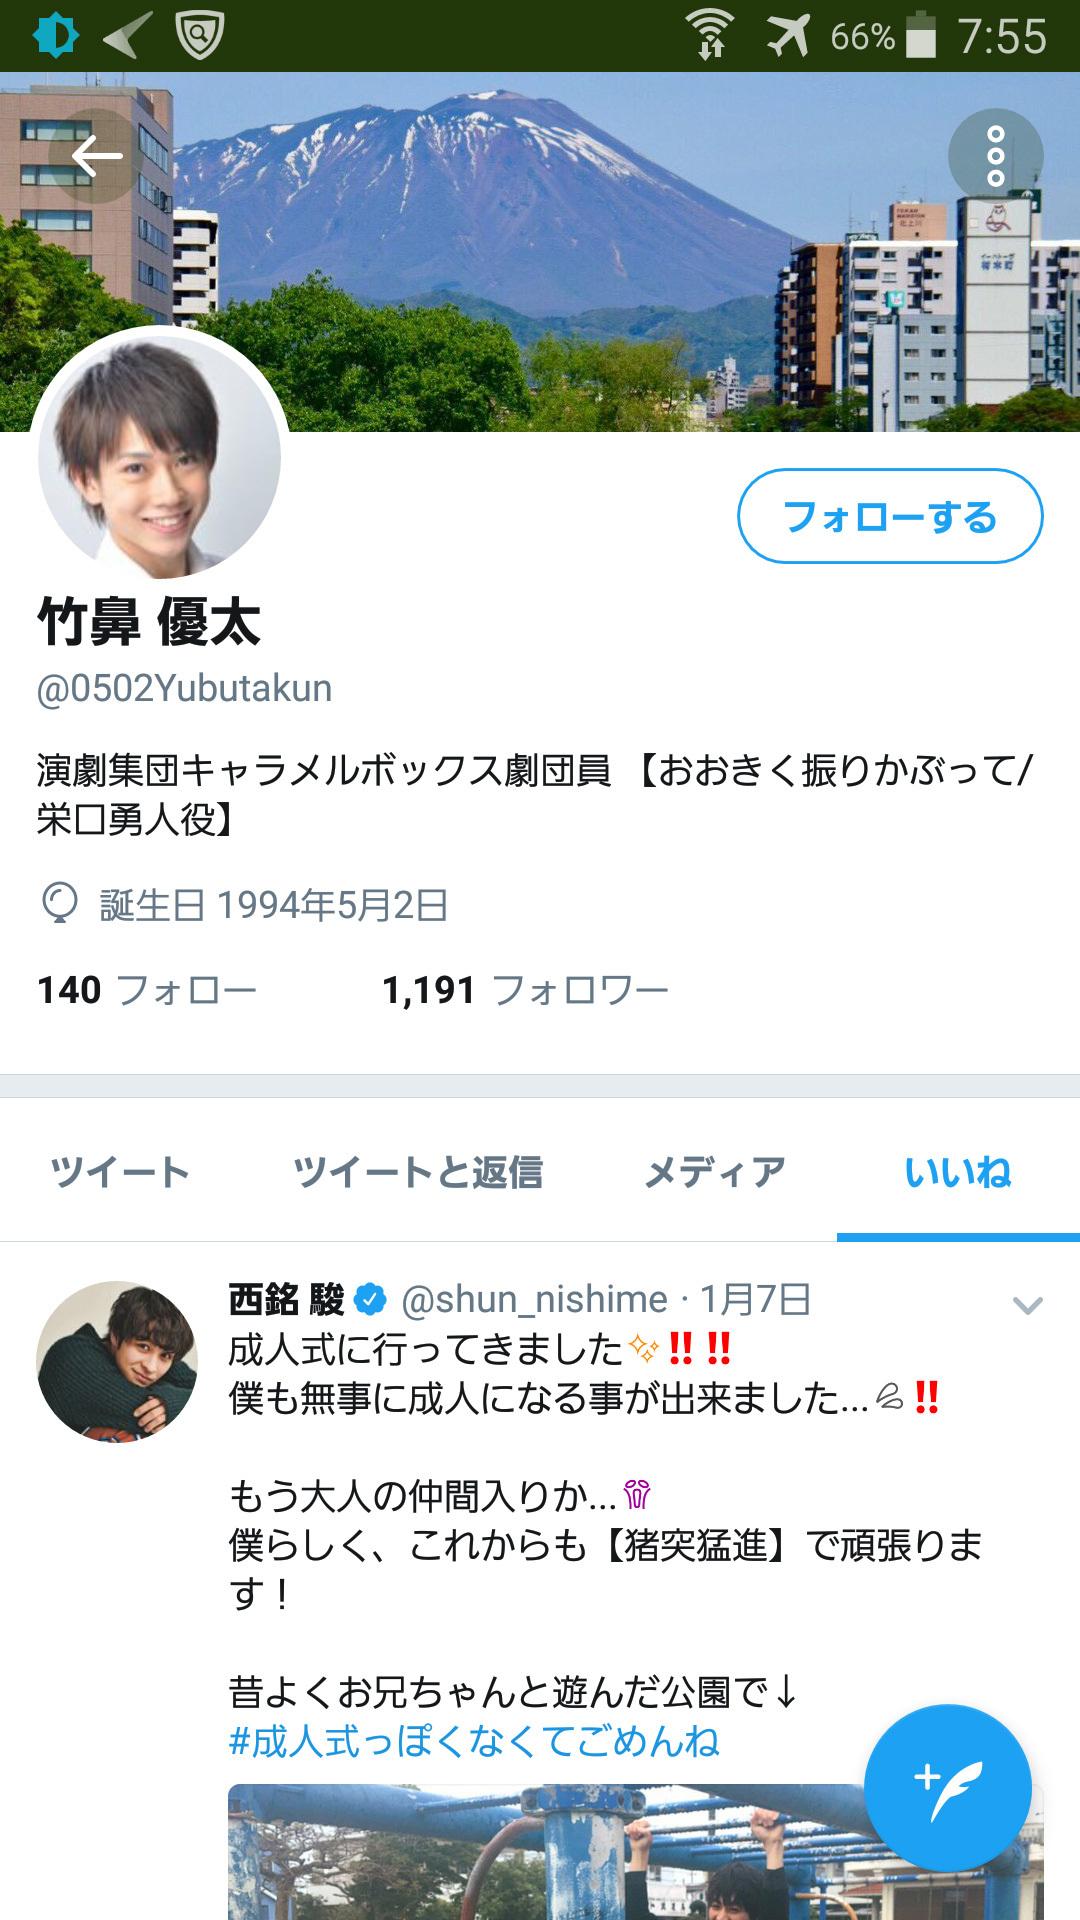 渡辺みり愛 竹鼻優太4